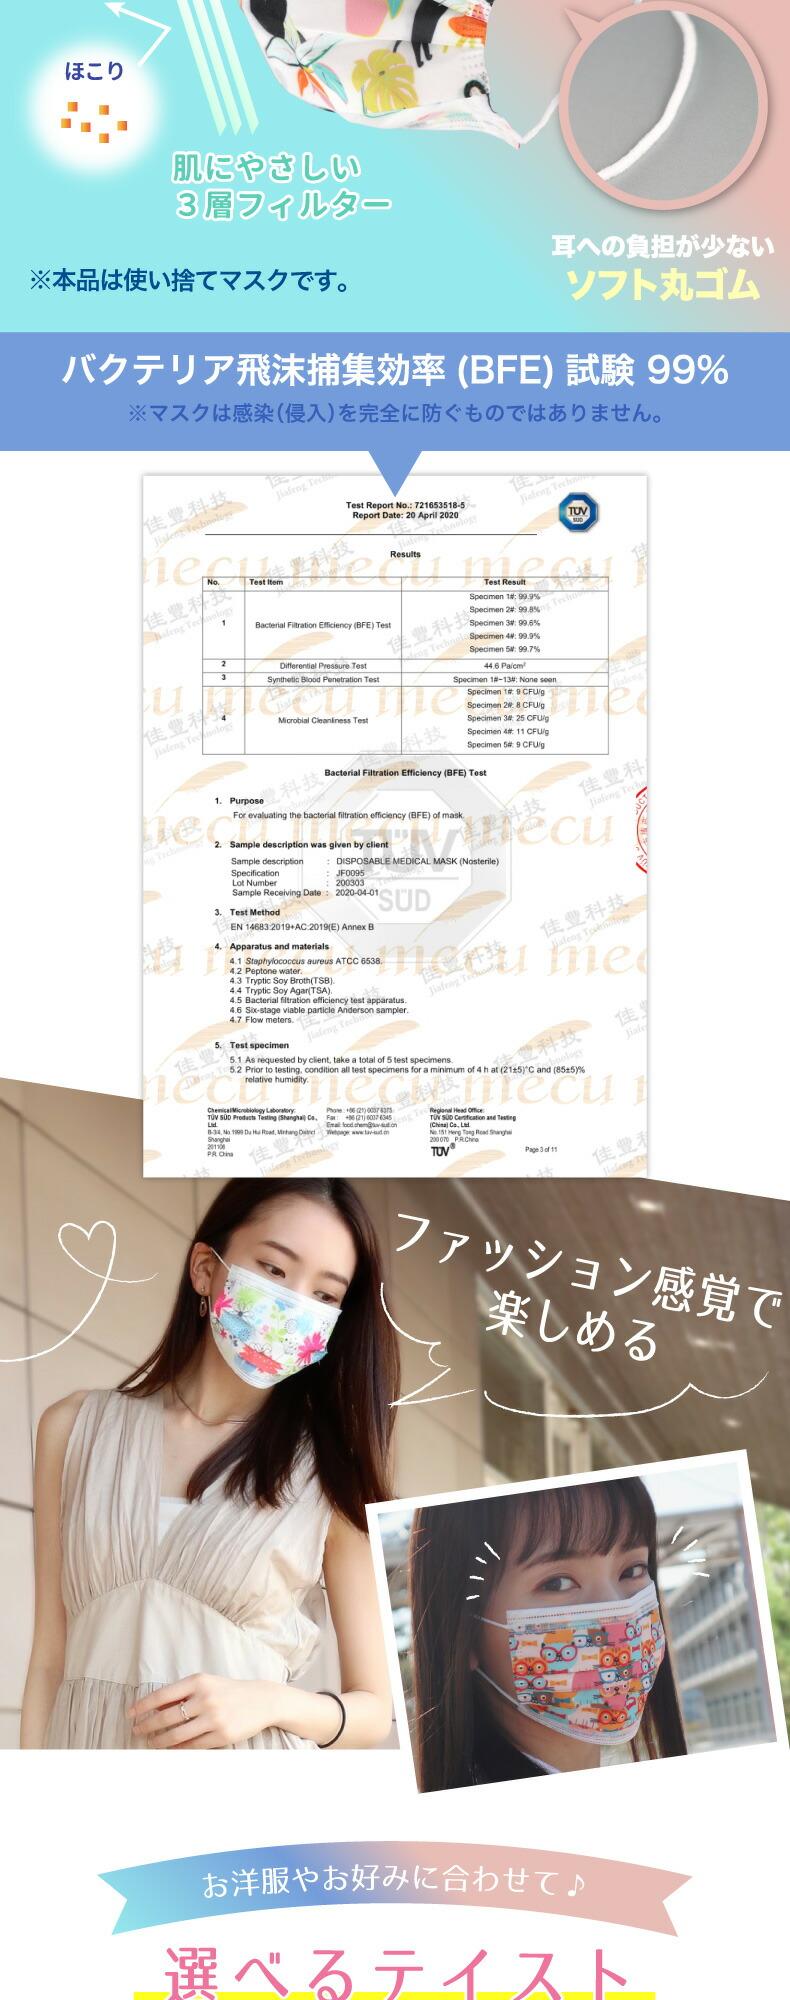 柄マスク 不織布マスク 5枚入×4袋セット 20枚 3層構造 ウイルス対策 使い捨てマスク 大人用 ファッションマスク おしゃれ